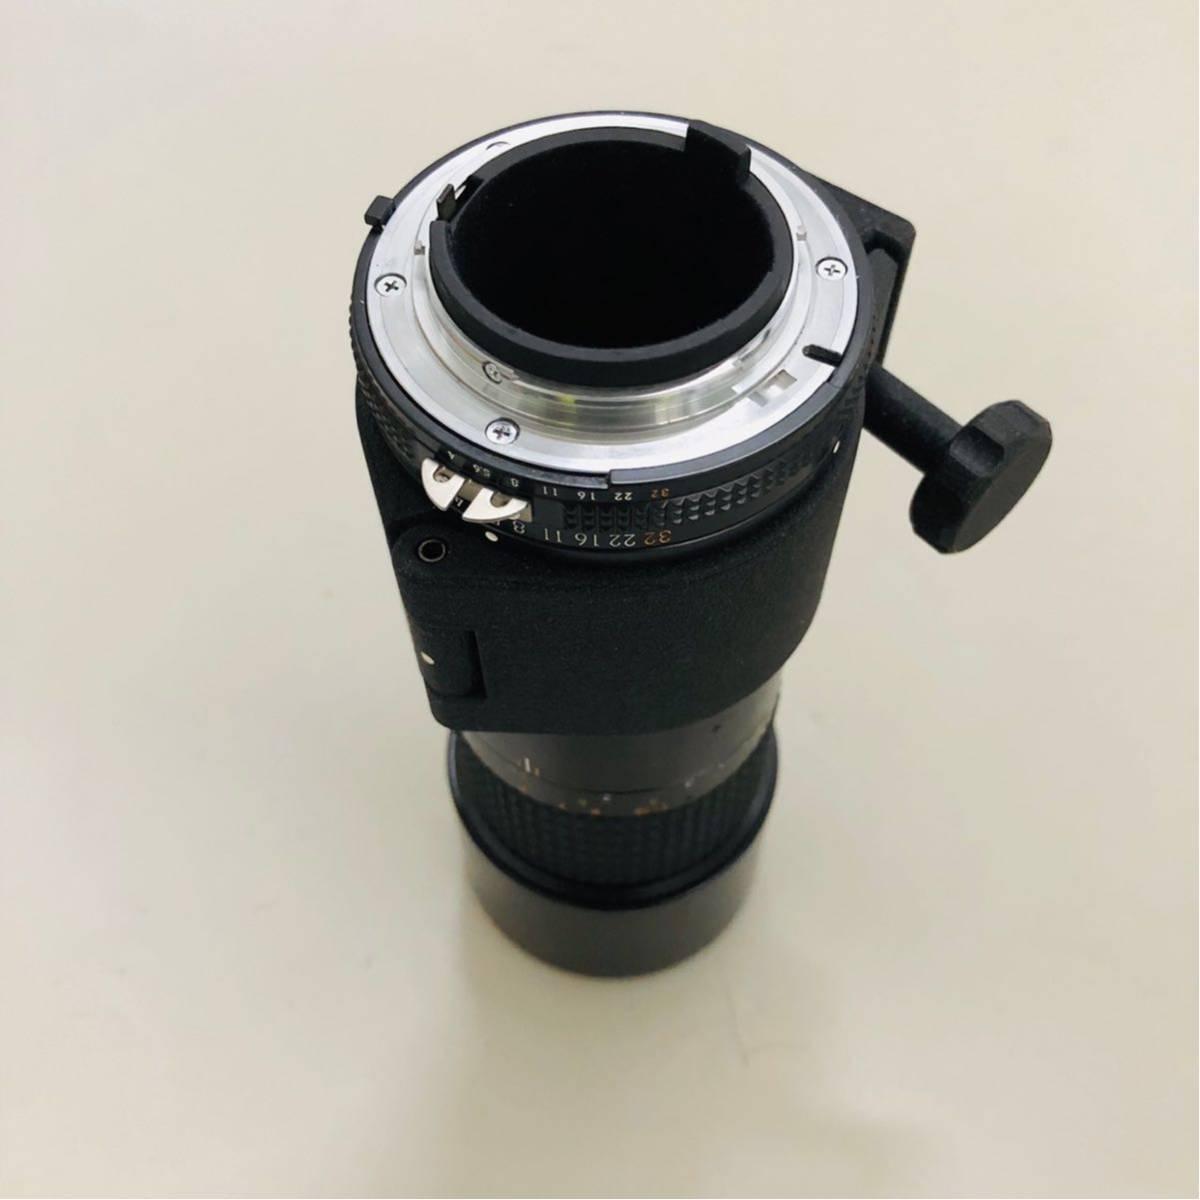 【美品】Nikon ニコン レンズ MICRO NIKKOR 200mm f/4_画像5